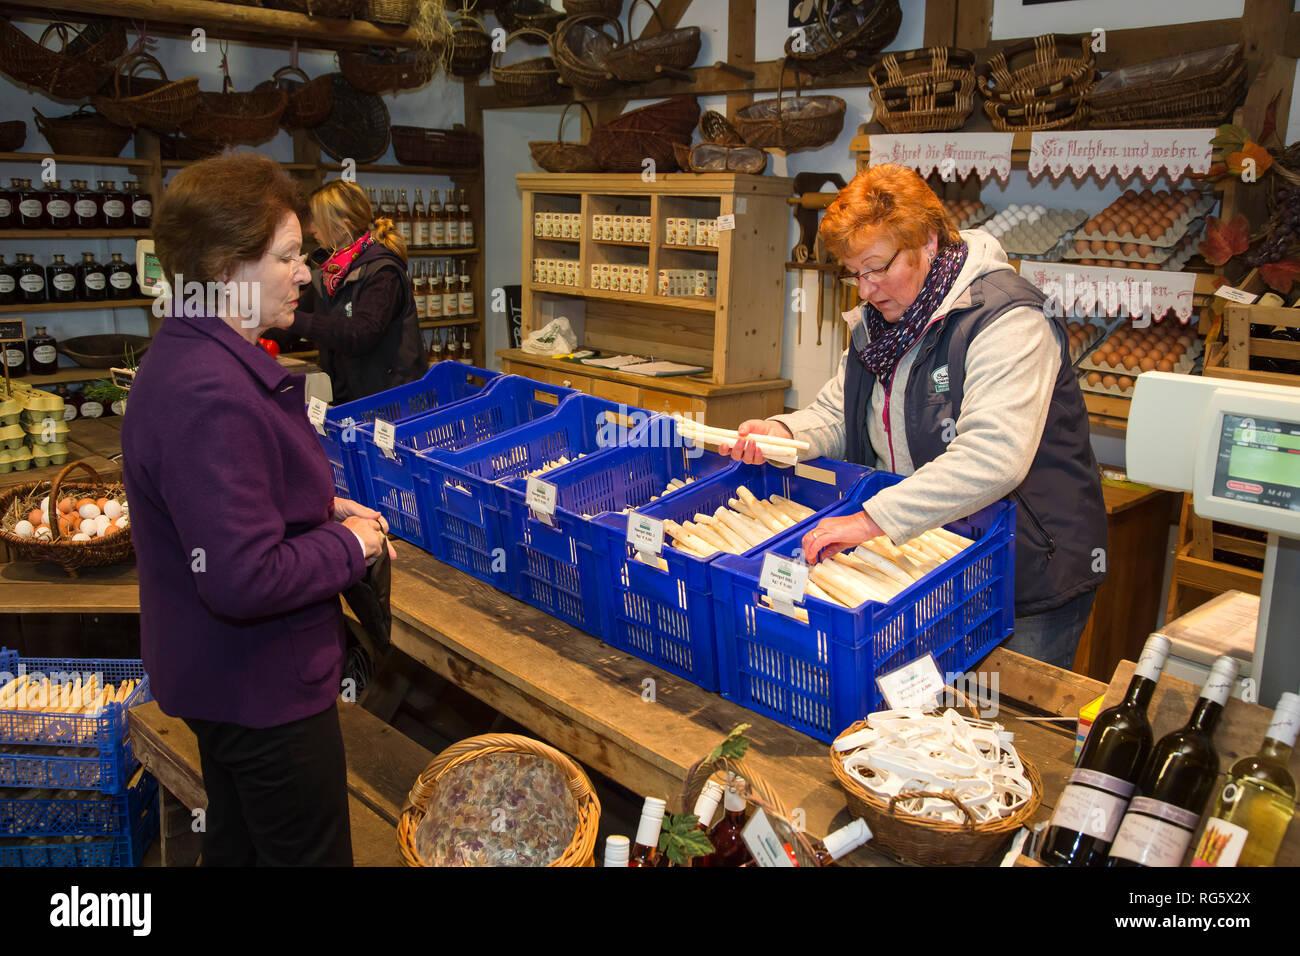 Asparagus sale in the farm shop, asparagus yard Schulte-Scherlebeck, Spargelverkauf im Hofladen, Spargelhof Schulte-Scherlebeck Stock Photo